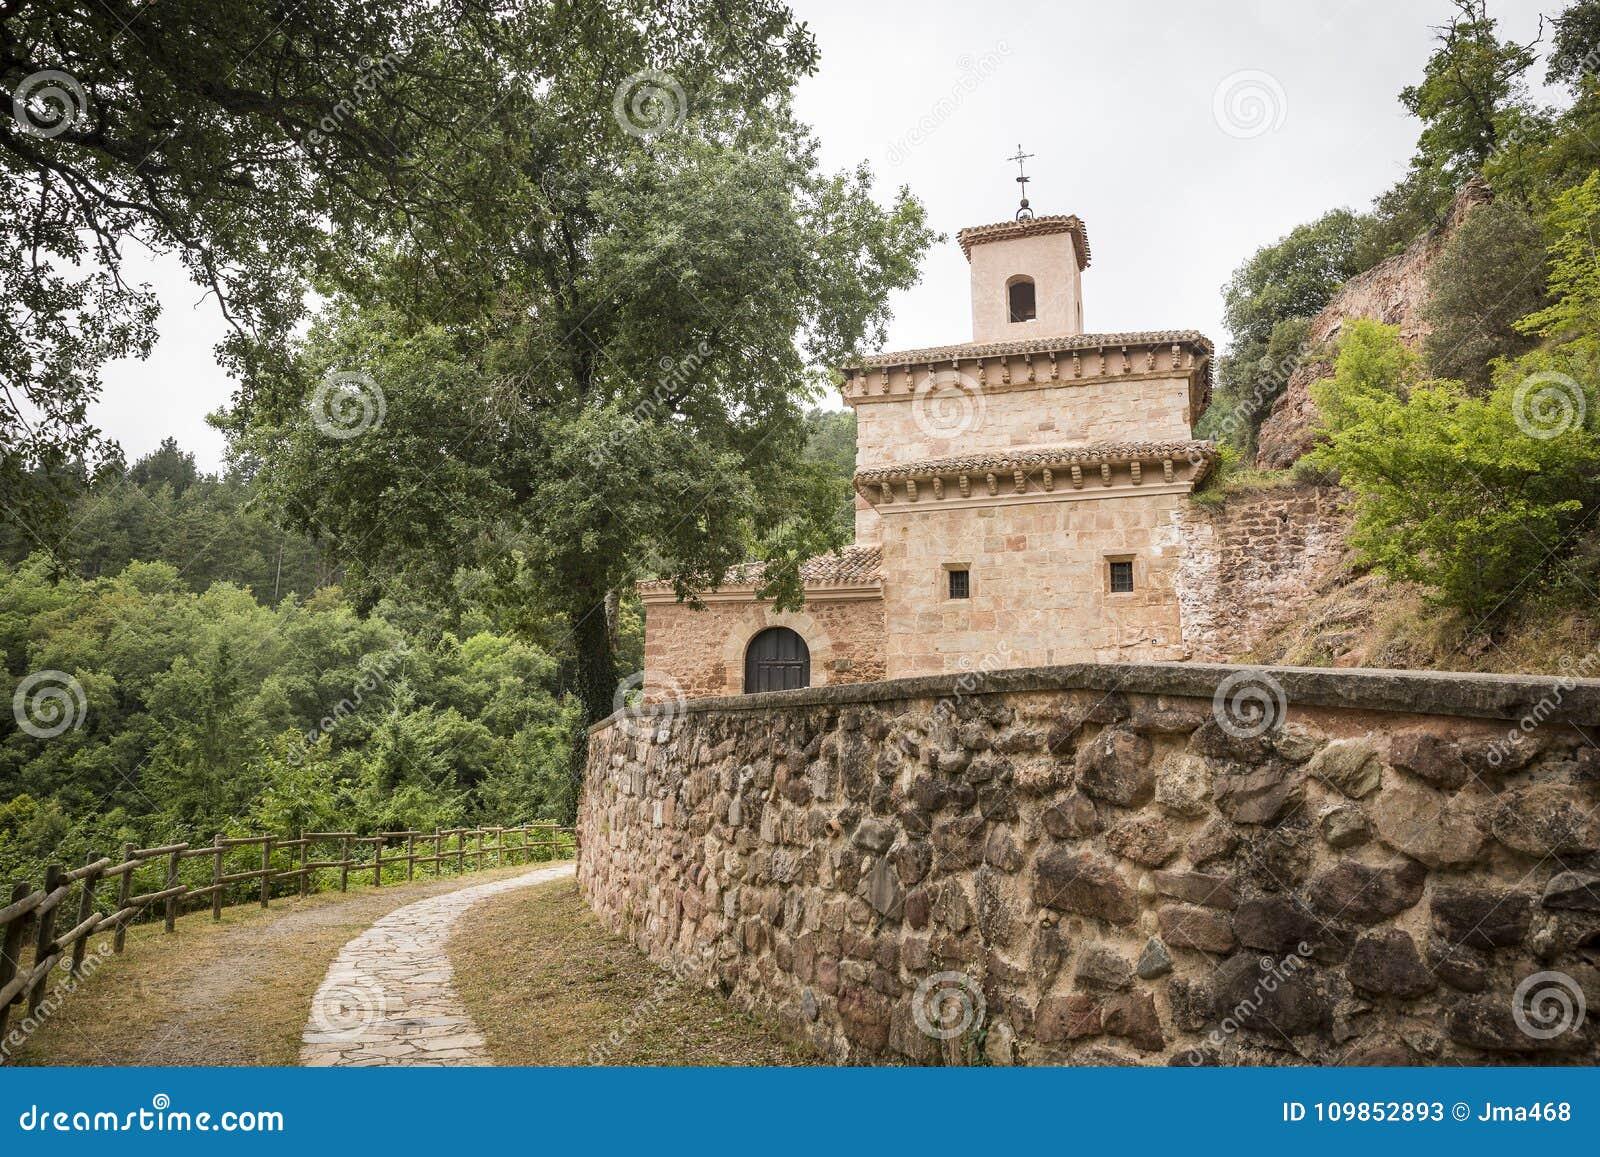 Suso Monastery in San Millan de la Cogolla, La Rioja, Spagna